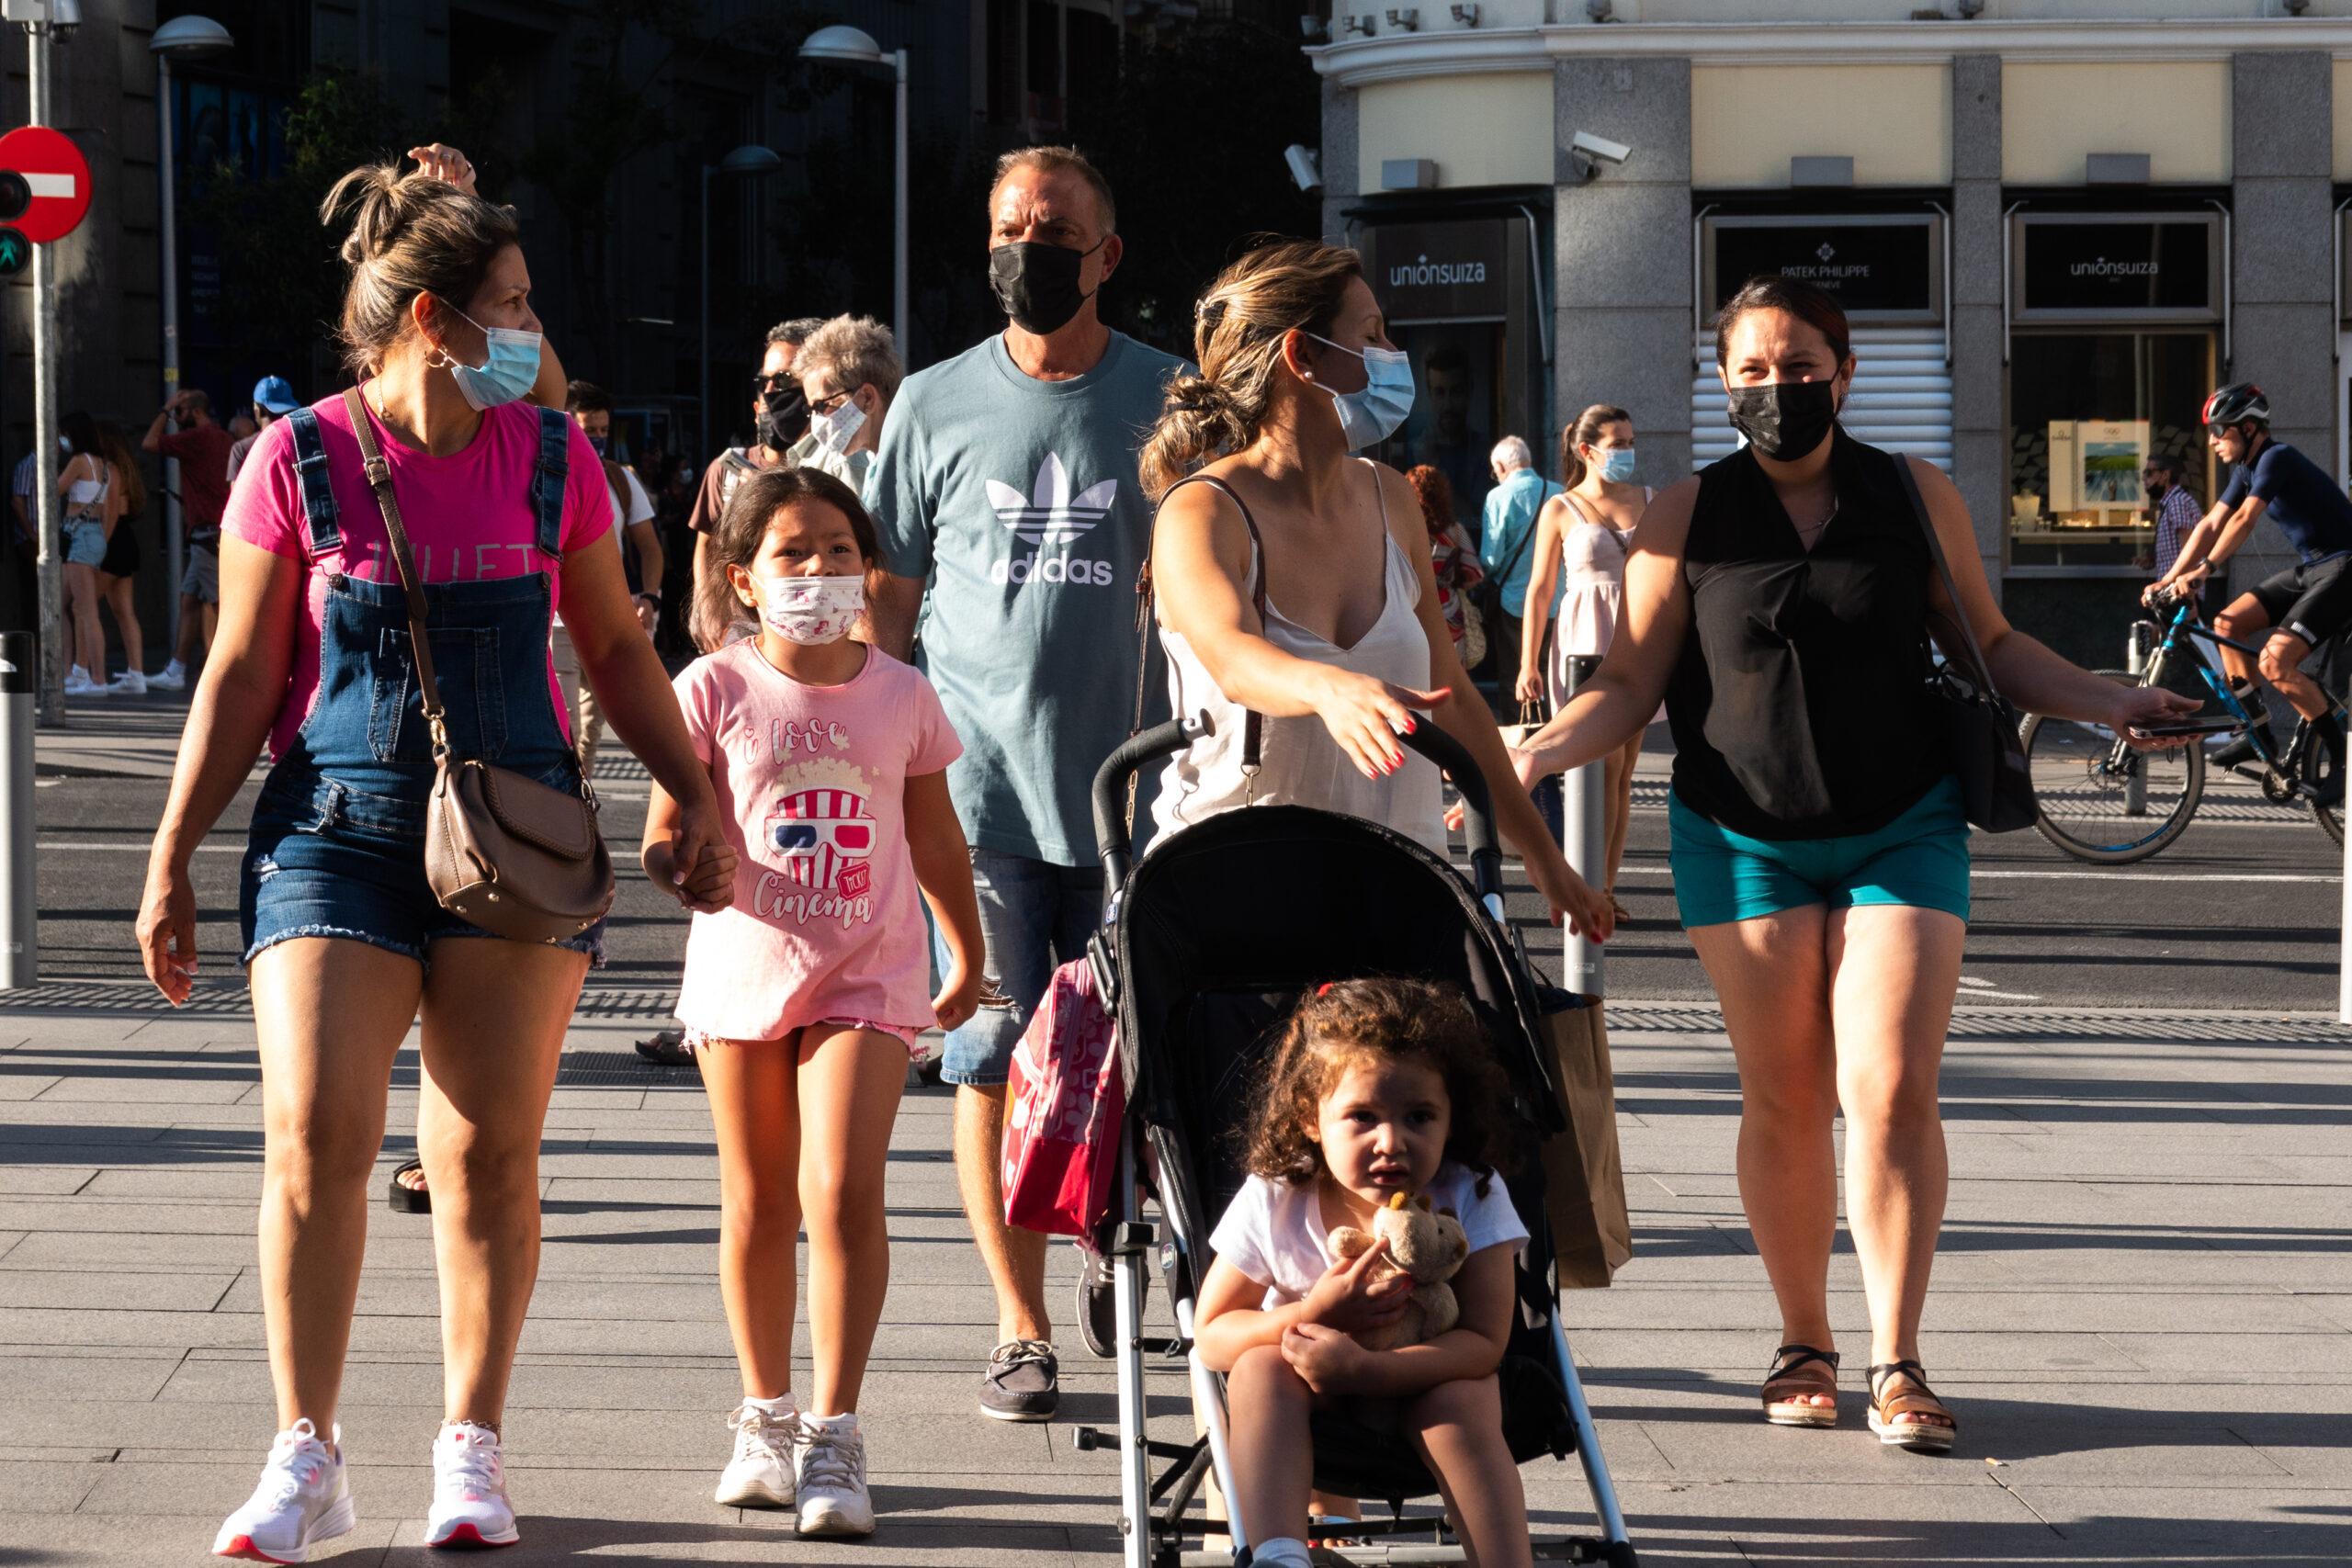 ไฟป่าใหญ่สุดในปี 2021 ของสเปน ยังลุกไหม้ท่ามกลางอากาศระอุ